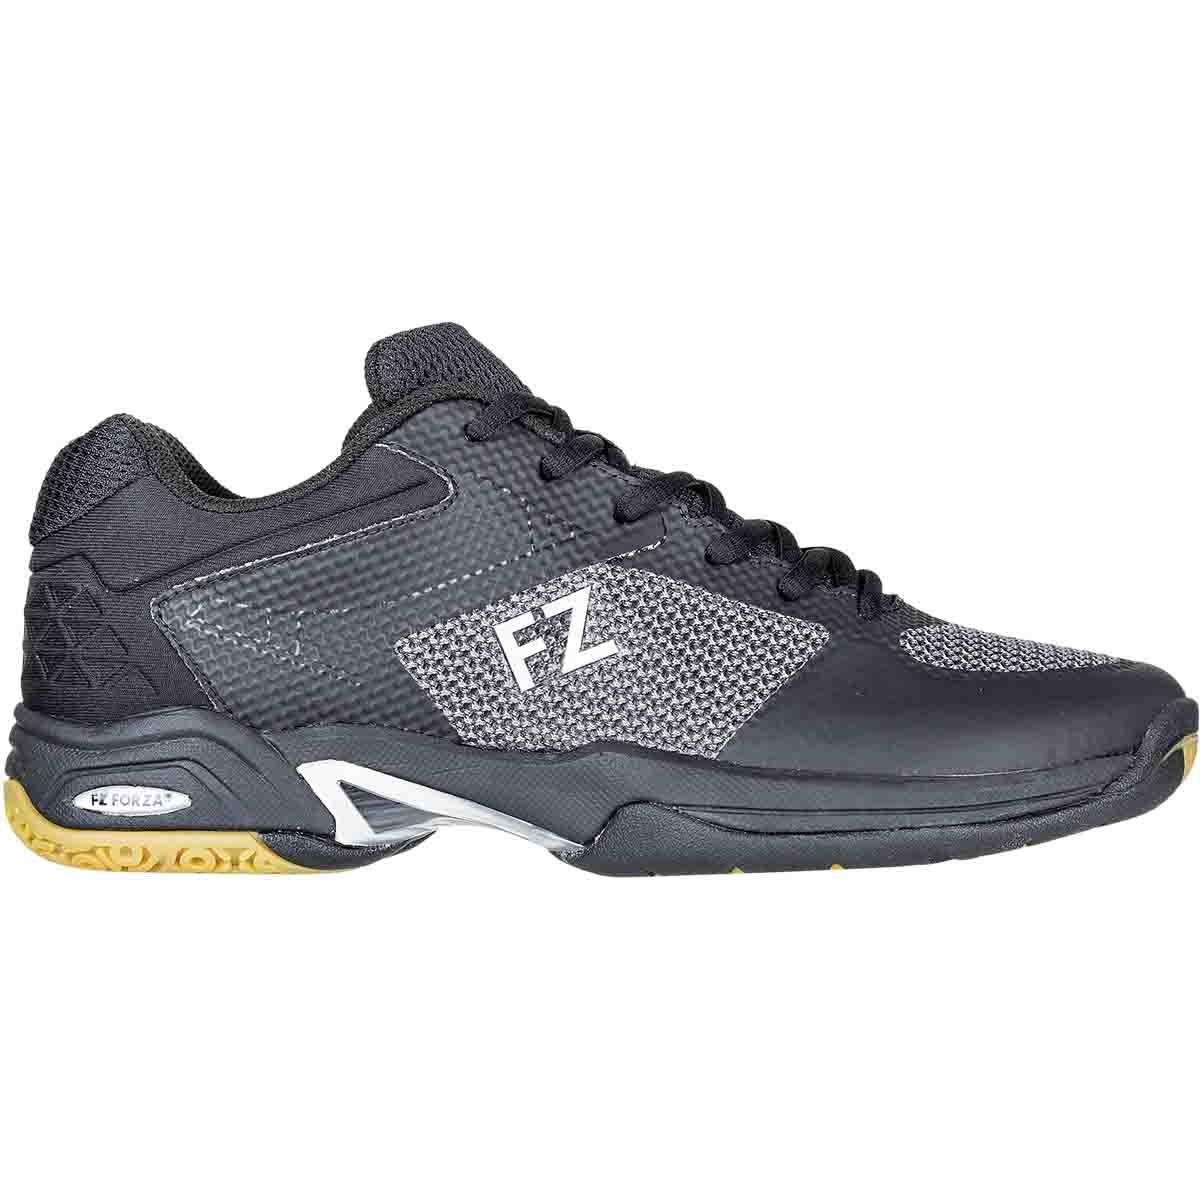 FZ Fierce V2 M - Black